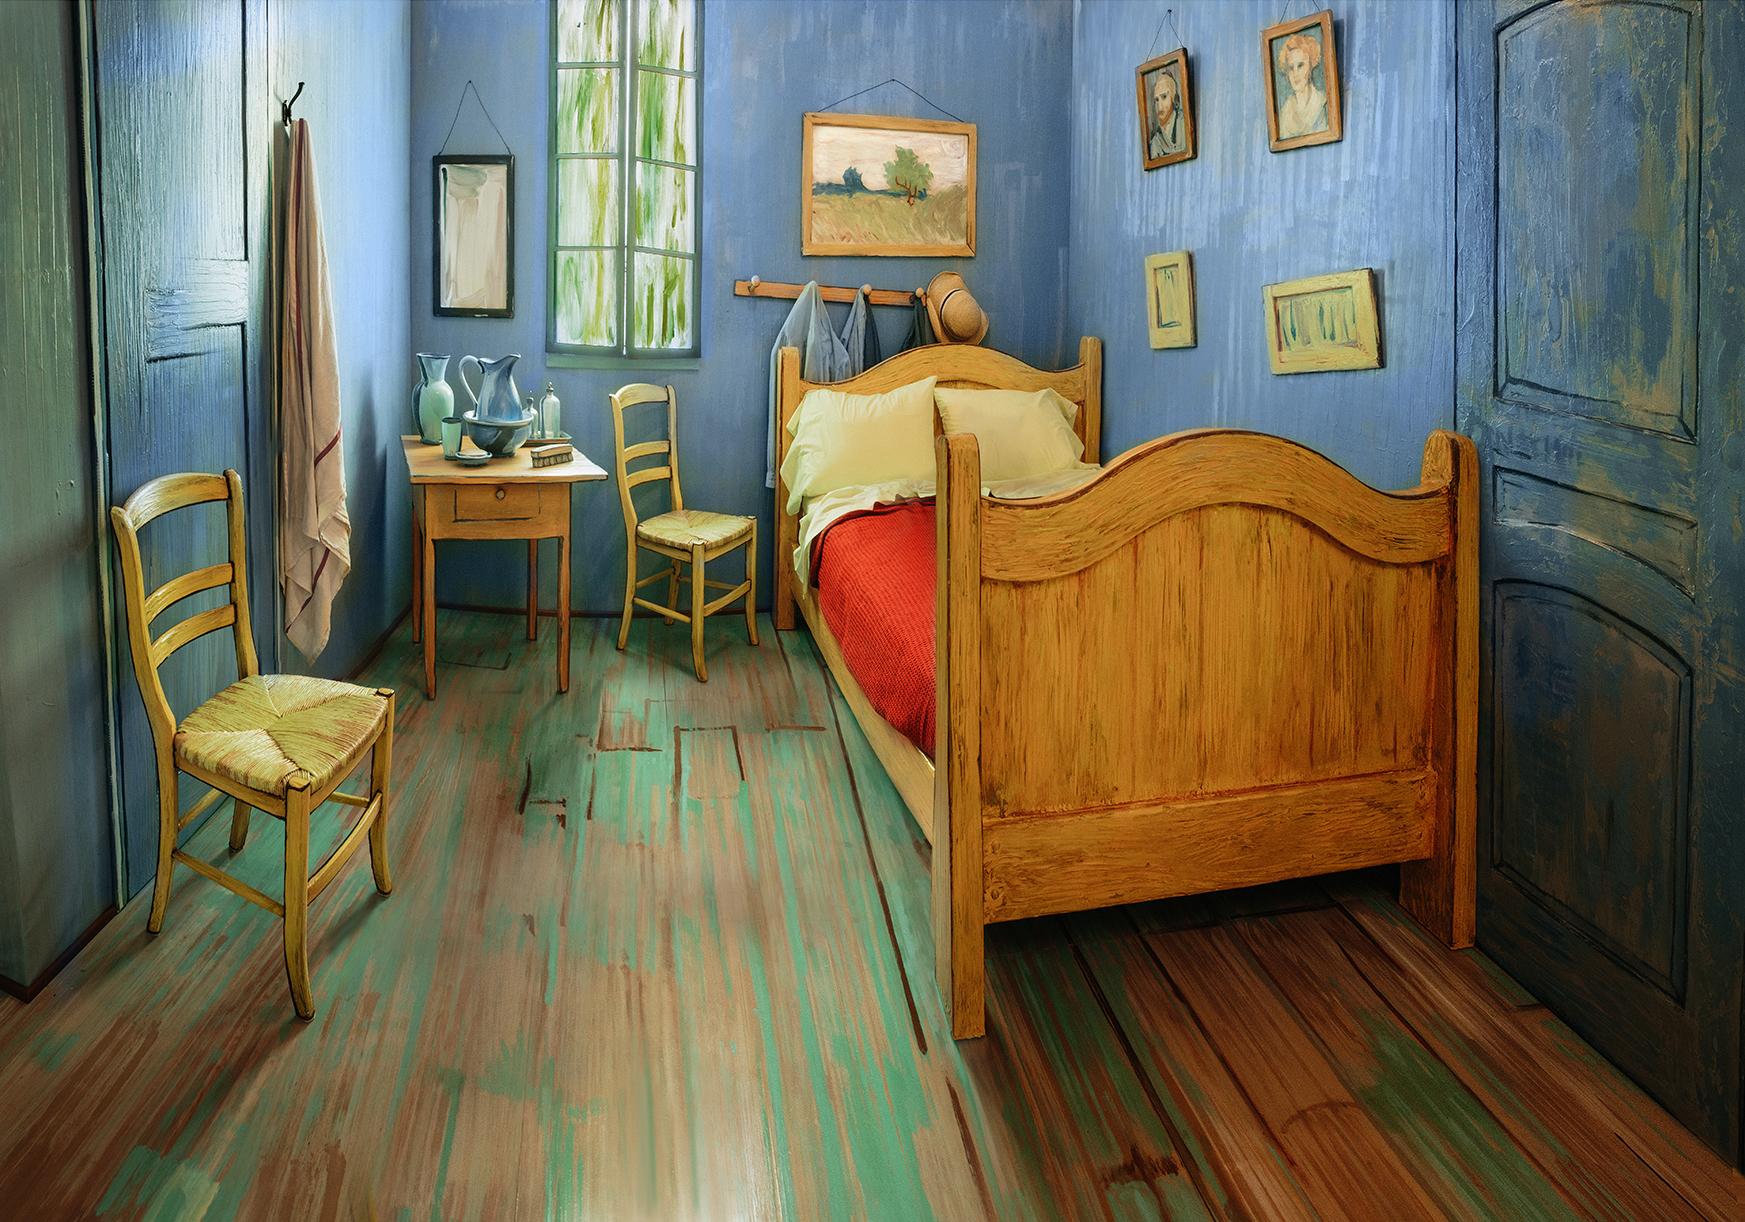 Así luce el cuarto inspirado en cuadro de Van Gogh que está en